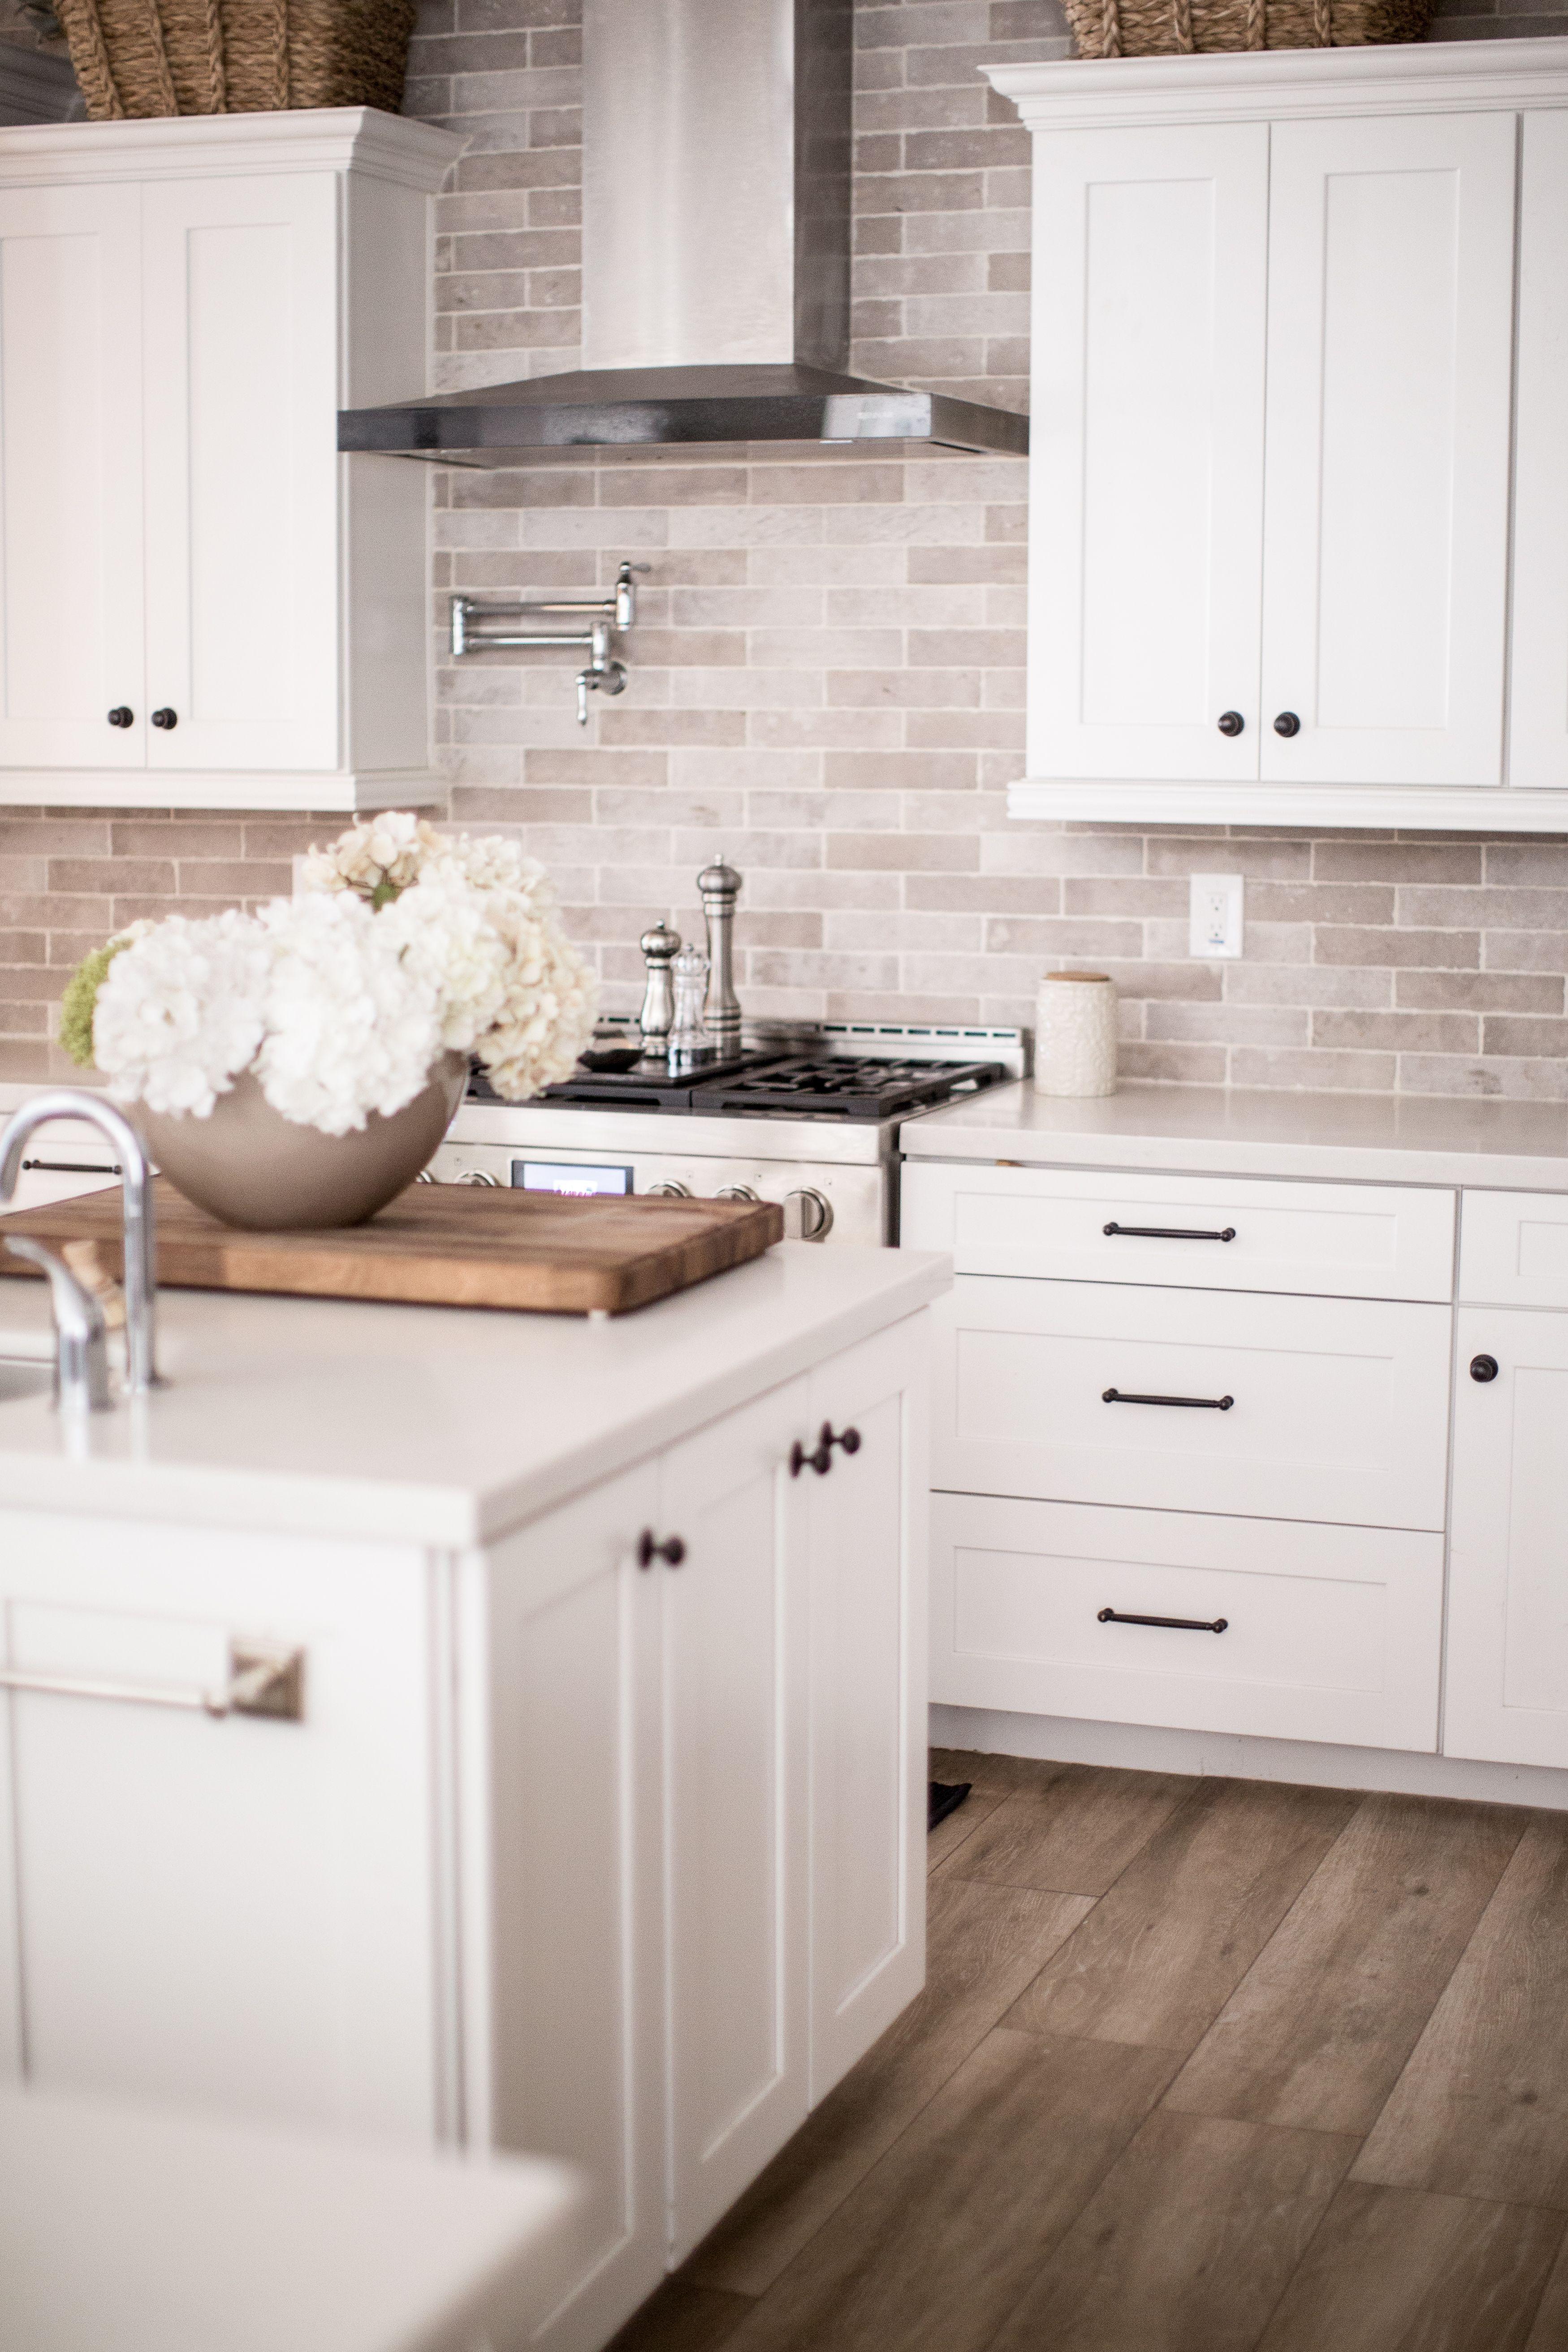 Black Kitchen Hardware Update Decorating Home Depot Kitchen